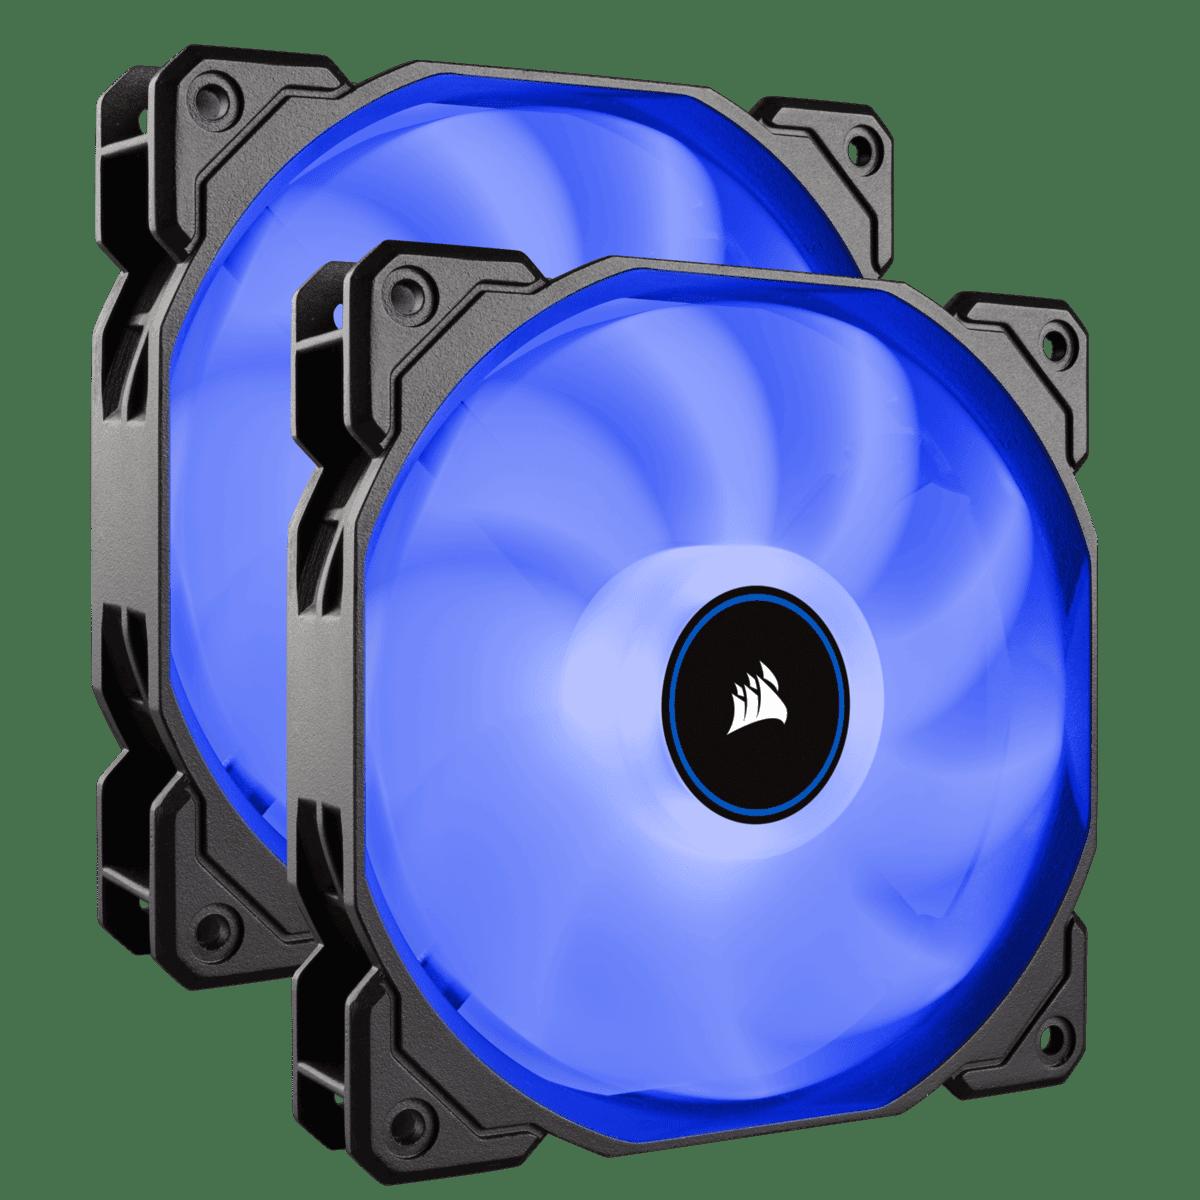 CORSAIR AF140 BLUE LED FAN-DUAL PACK